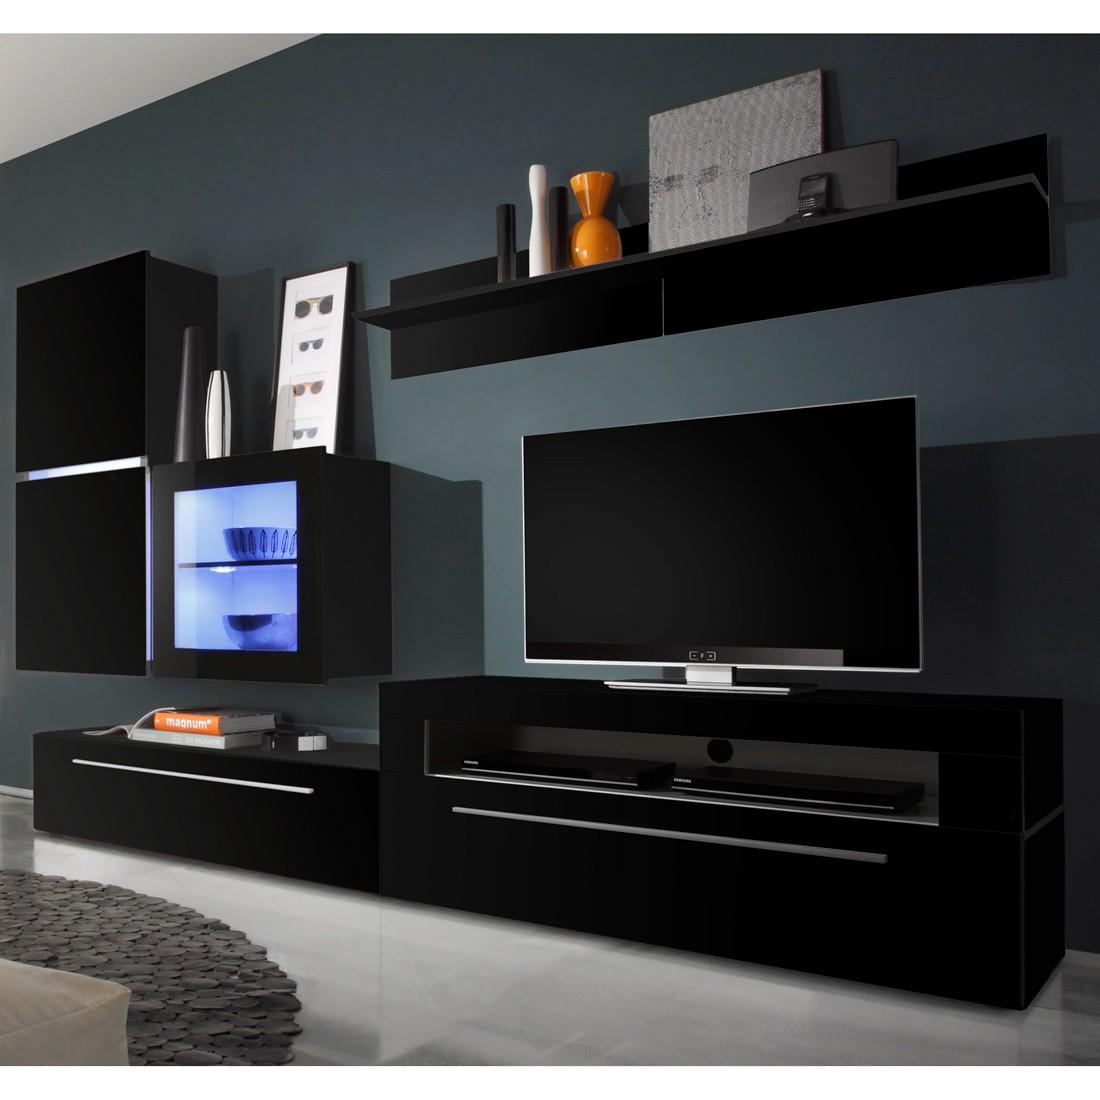 wohnwand polytop iv 6 teilig hochglanz schwarz tv lowboard mit 2 klappen led. Black Bedroom Furniture Sets. Home Design Ideas